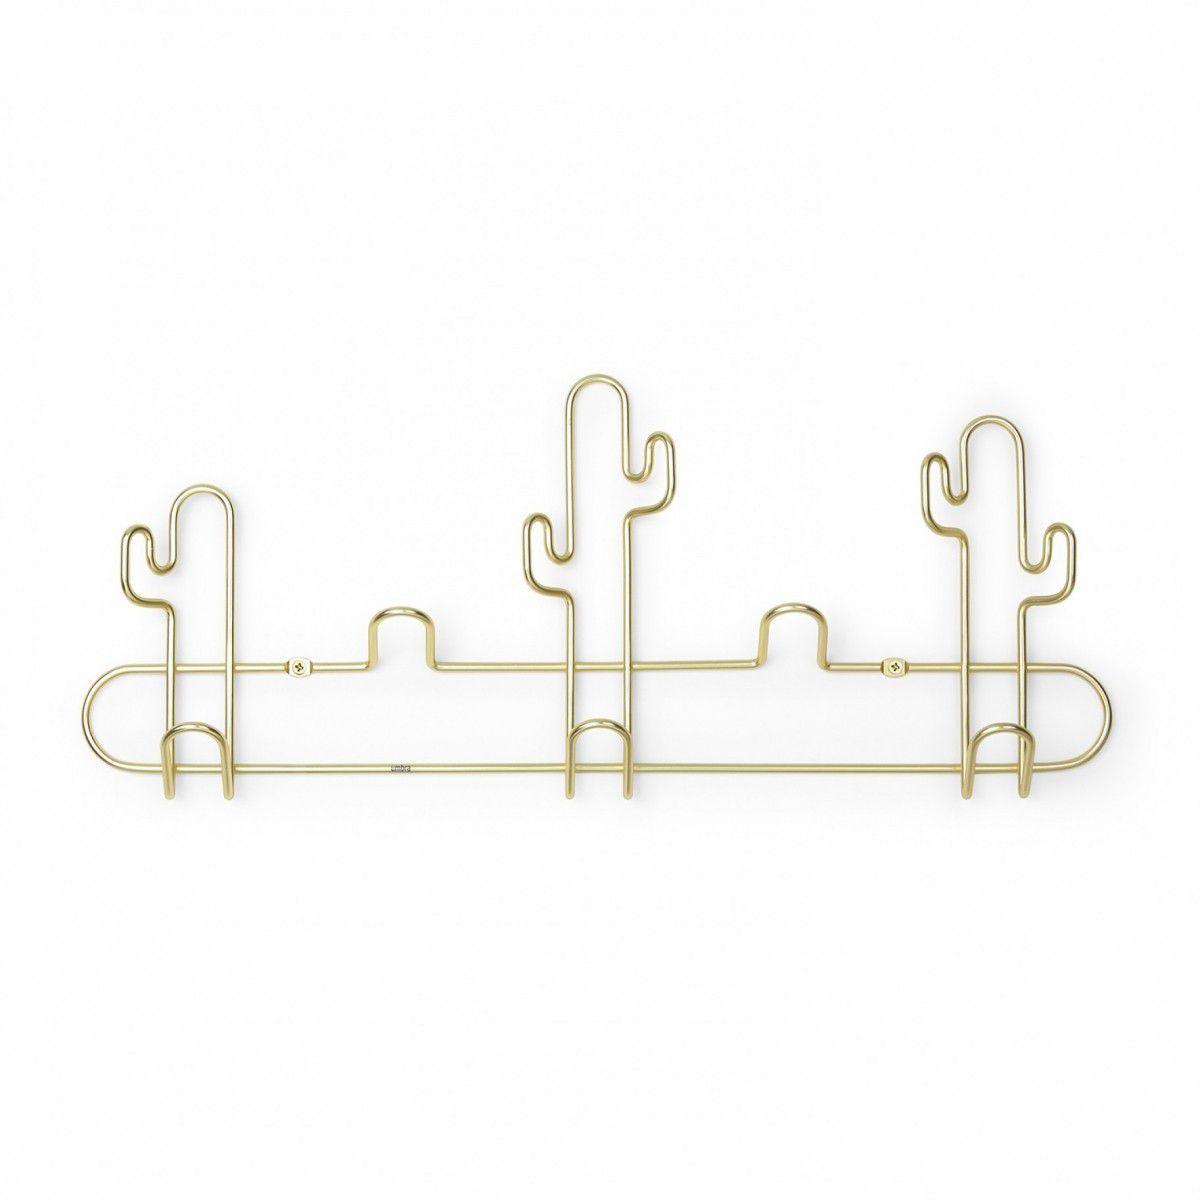 Cabideiro / Cabide de Parede 5 Ganchos Desert Cactos Dourado - Umbra